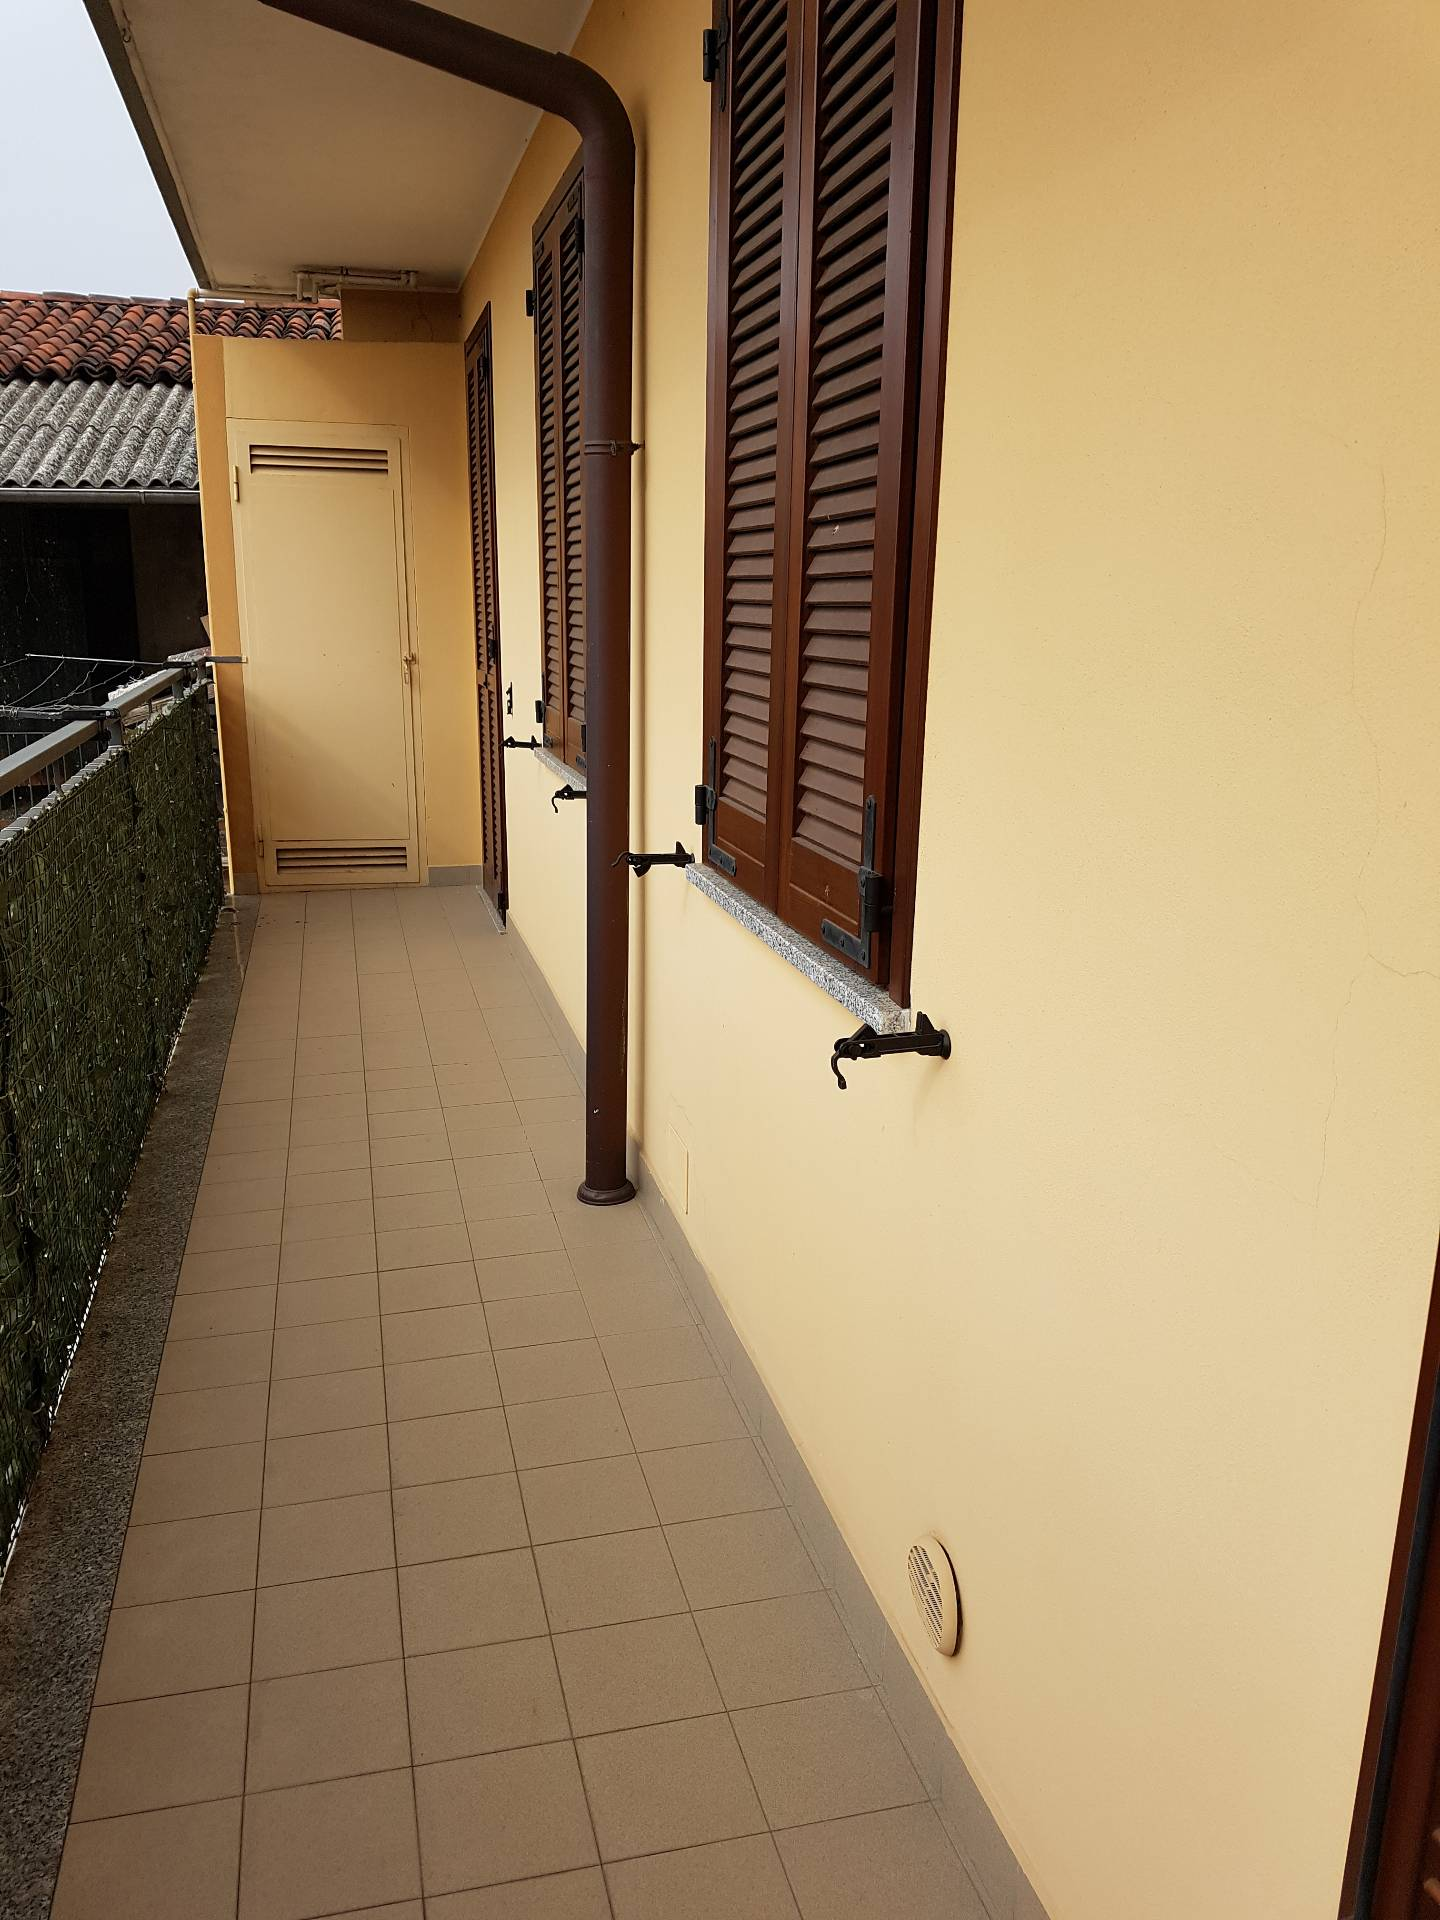 Appartamento in vendita a Galliate, 2 locali, prezzo € 78.000 | CambioCasa.it